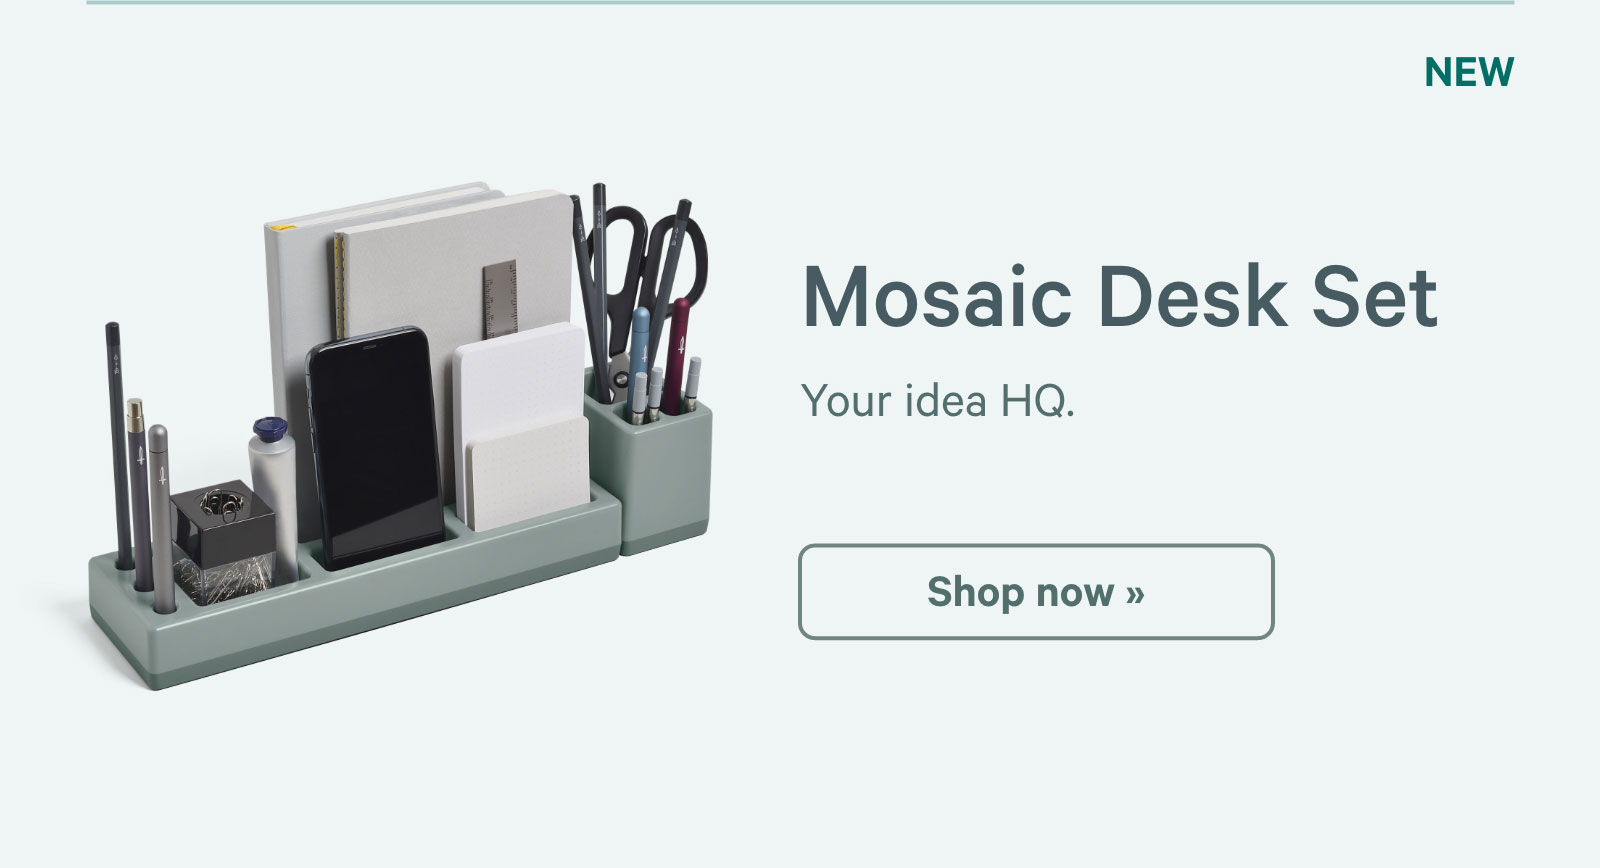 Mosaic Desk Set. Your idea HQ. Shop now ?